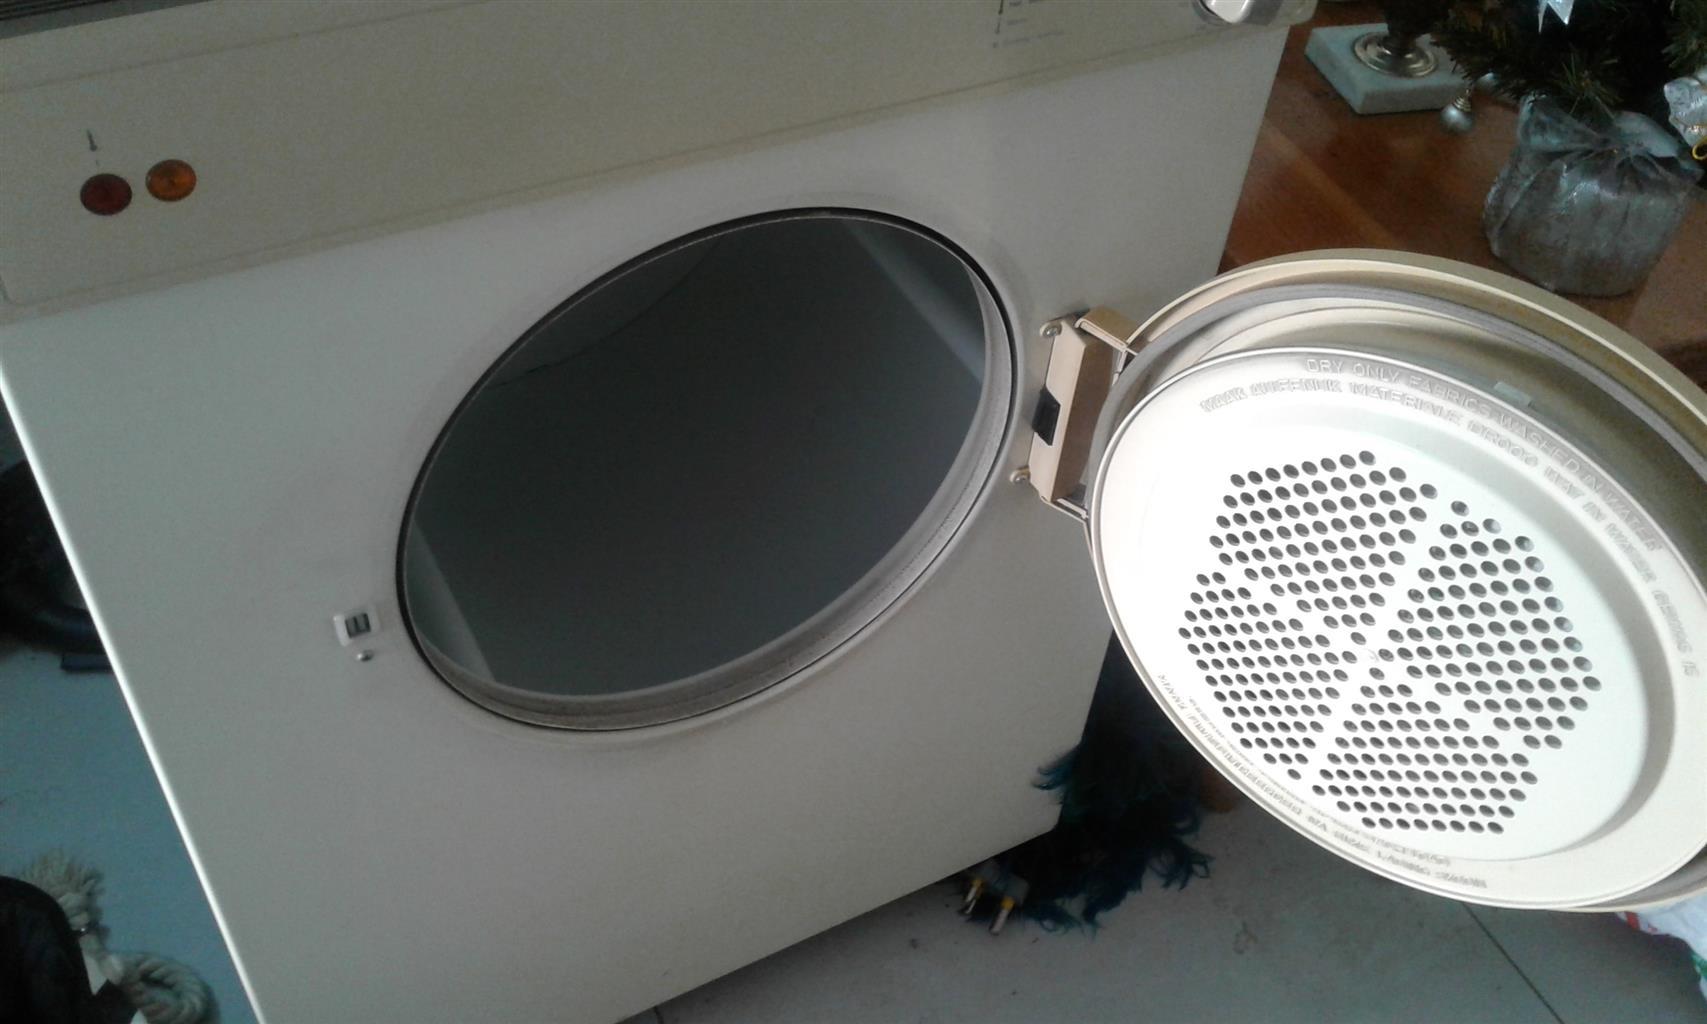 5KG Frigidaire Tumble Dryer For Sale